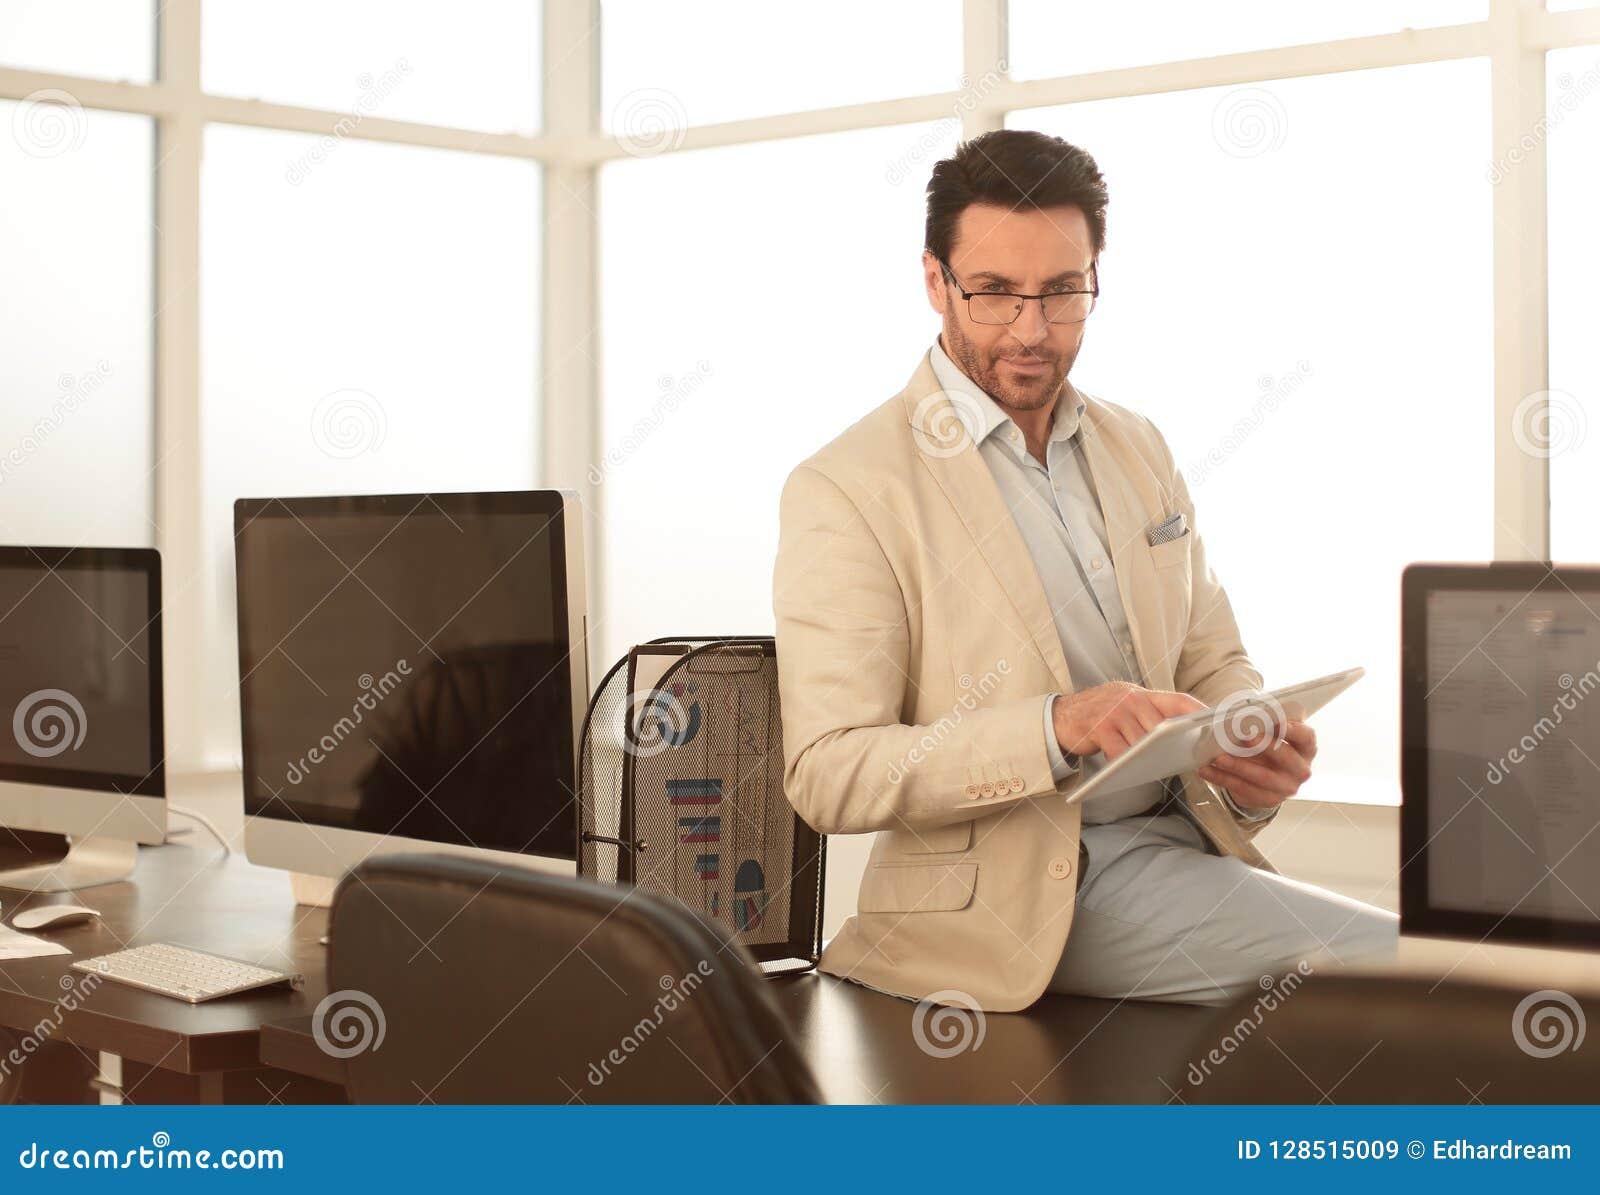 El hombre de negocios atento utiliza una tableta digital en una oficina moderna